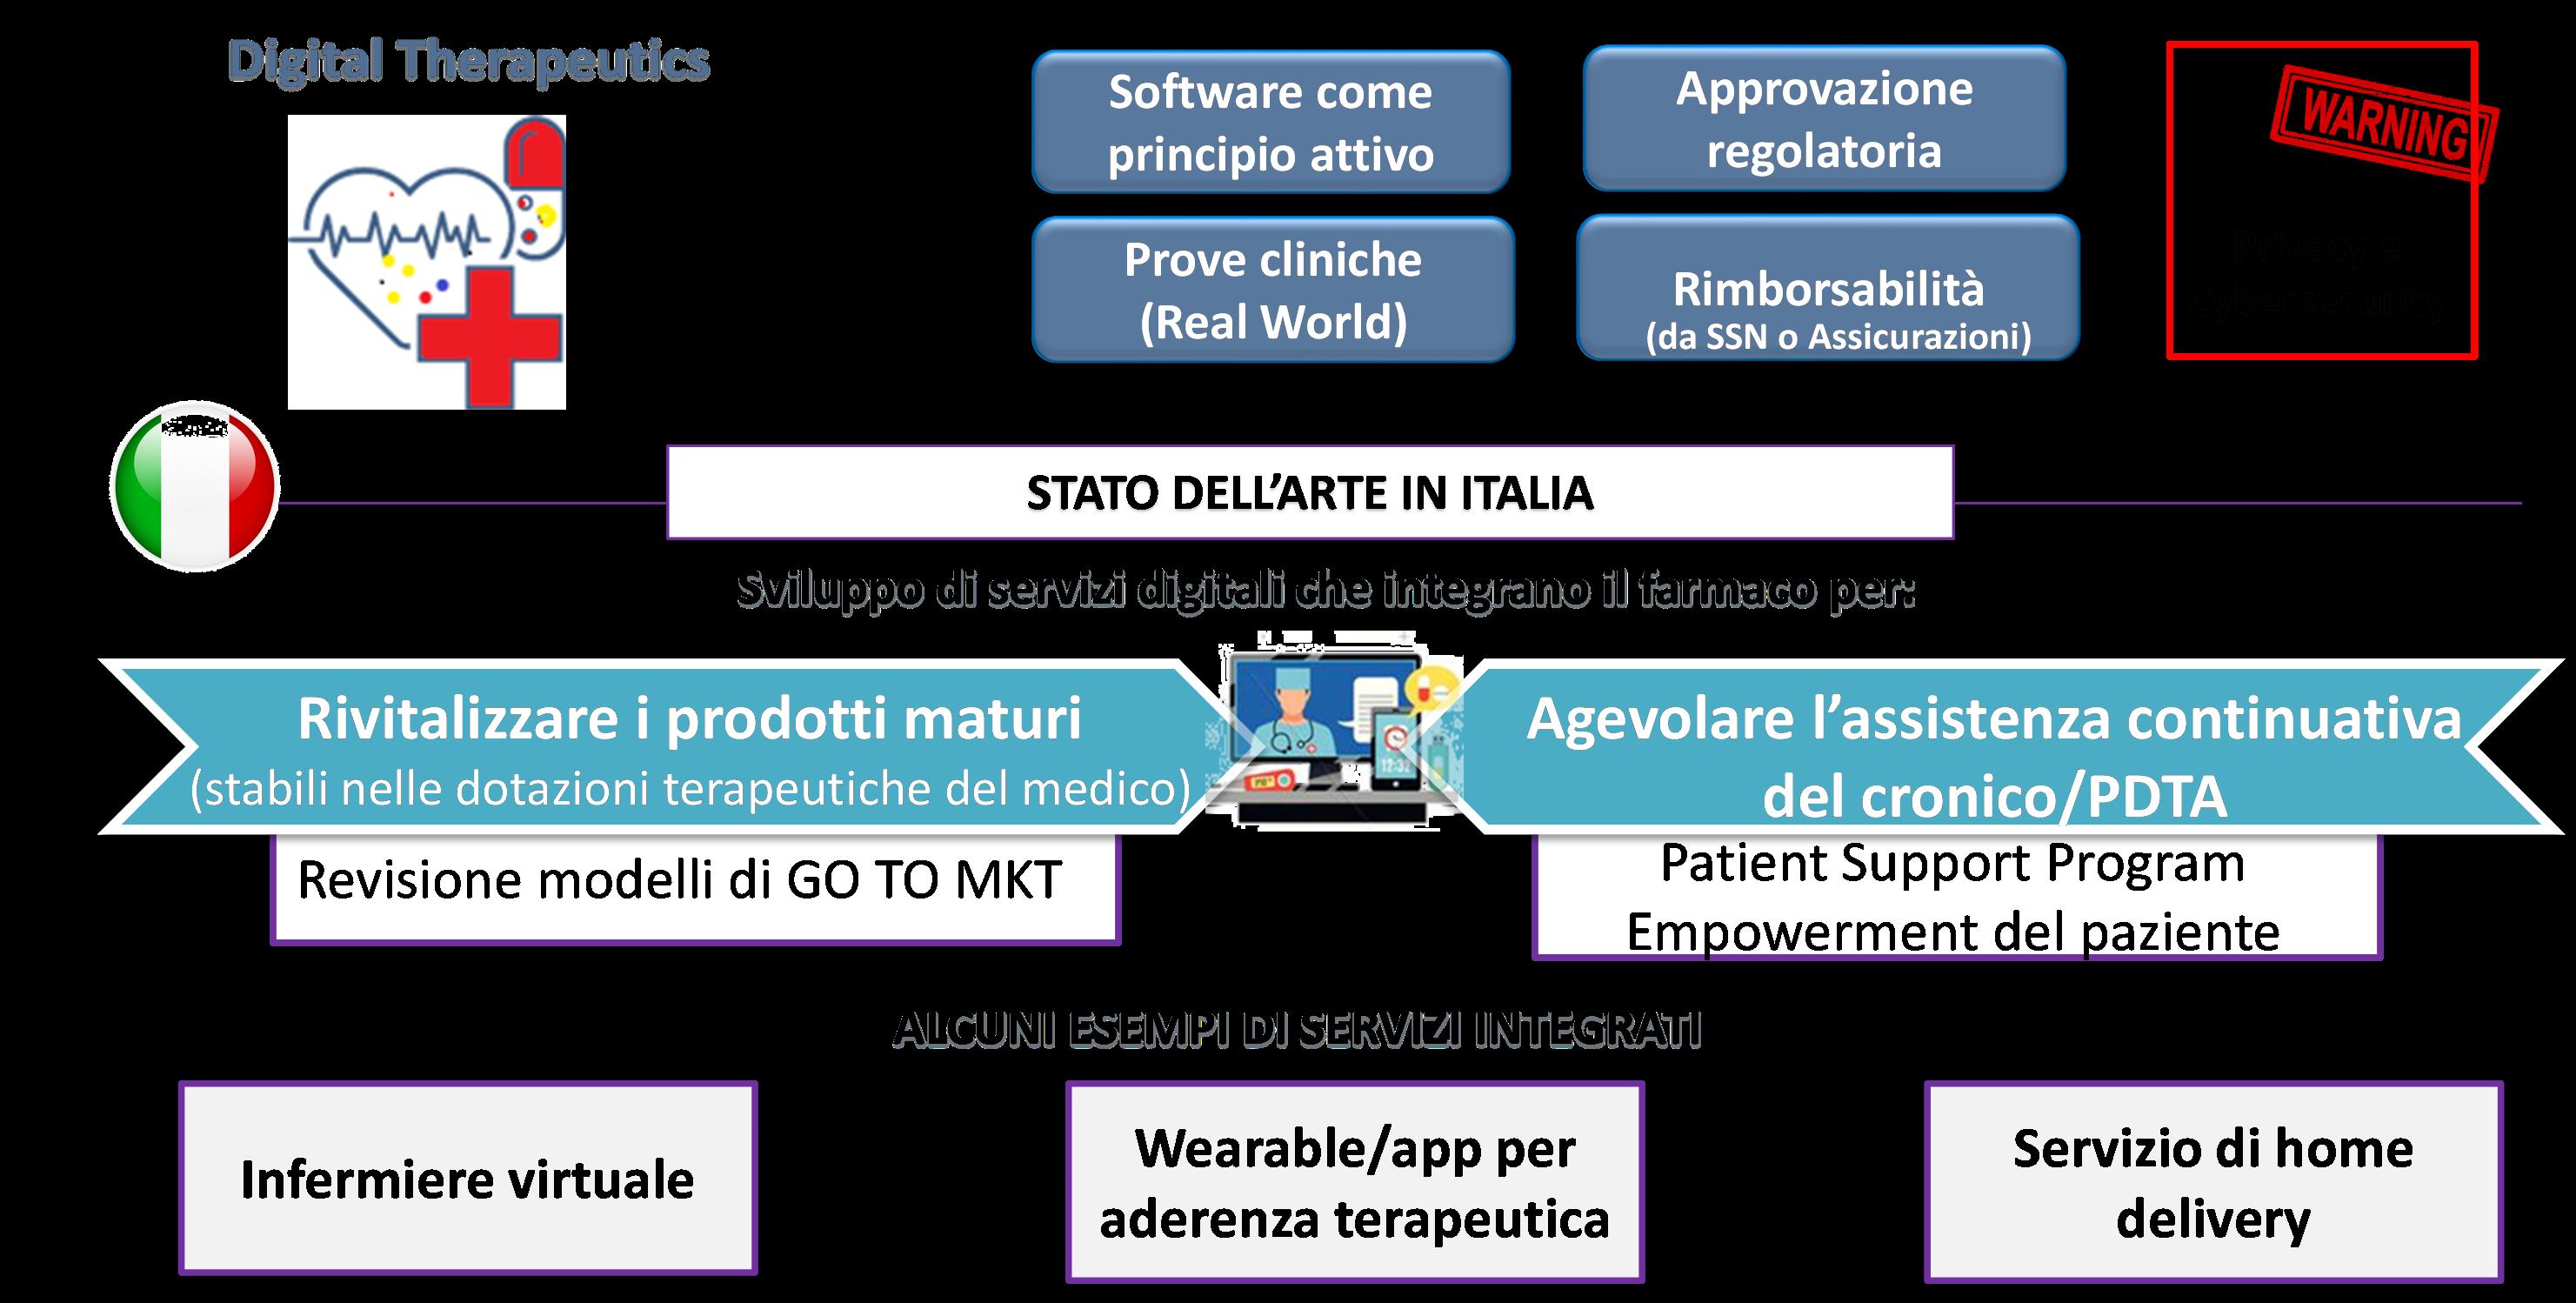 L'innovazione a servizio del paziente - Fonte NetConsulting cube, 2021